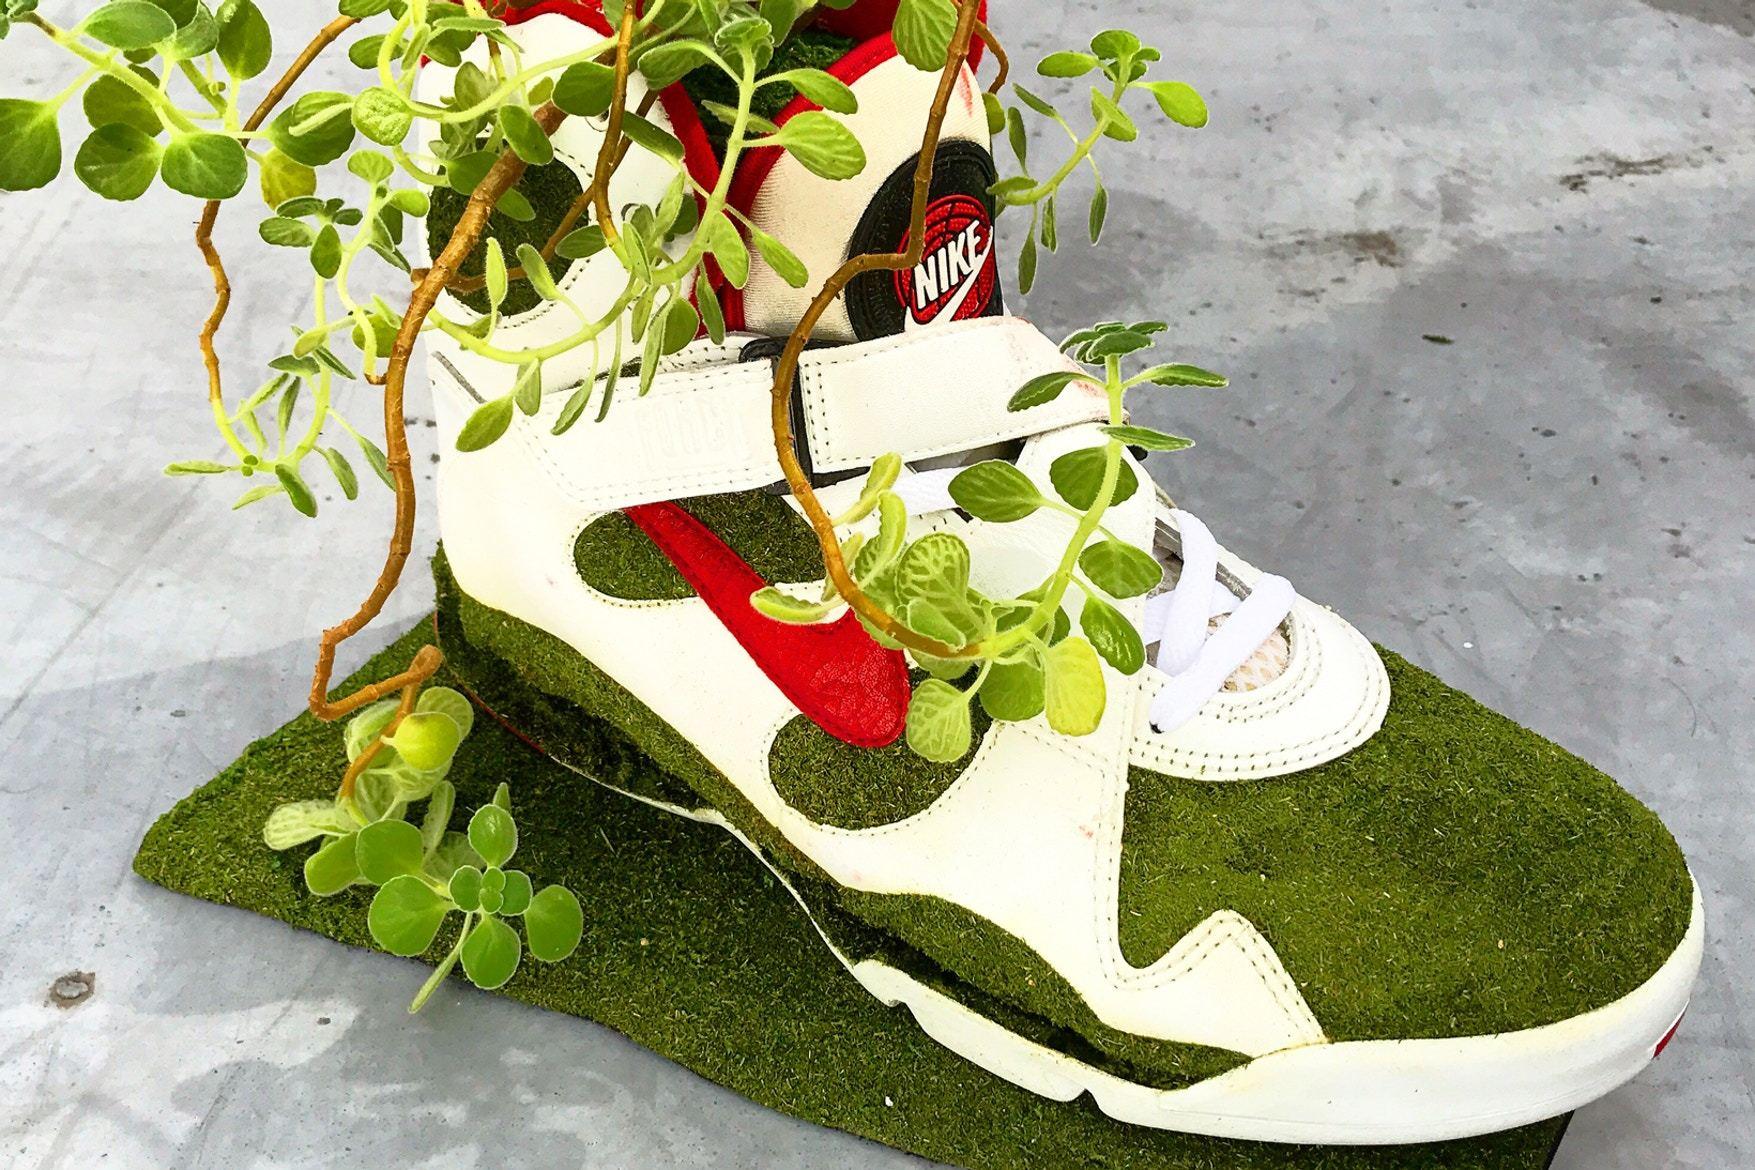 Artist Shoetree Nike Sneakers Sculptural Houseplants 3